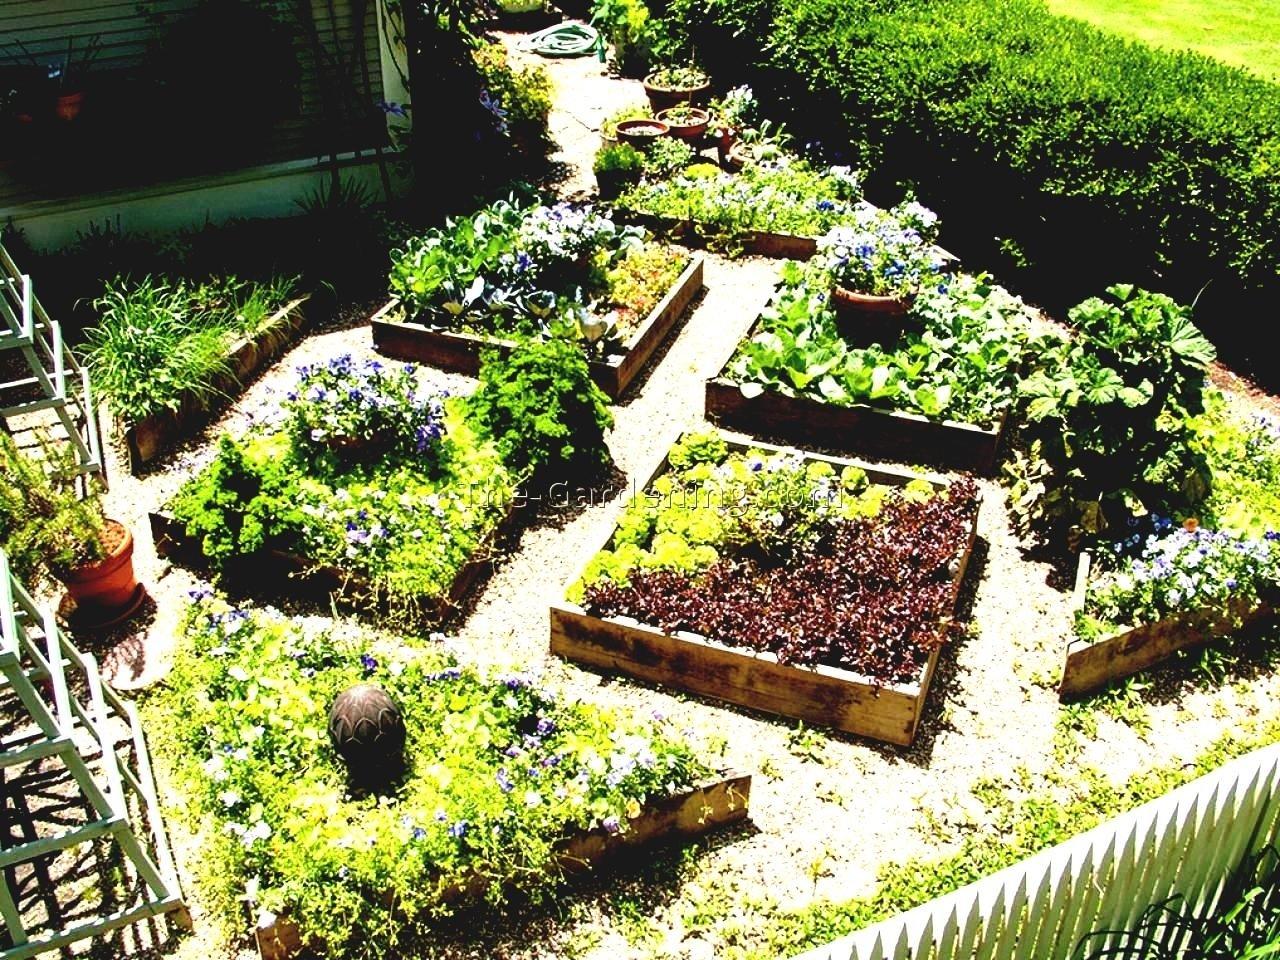 10 Pretty Vegetable Garden Ideas For Small Spaces small space vegetable garden ideas best design home garden design 2020